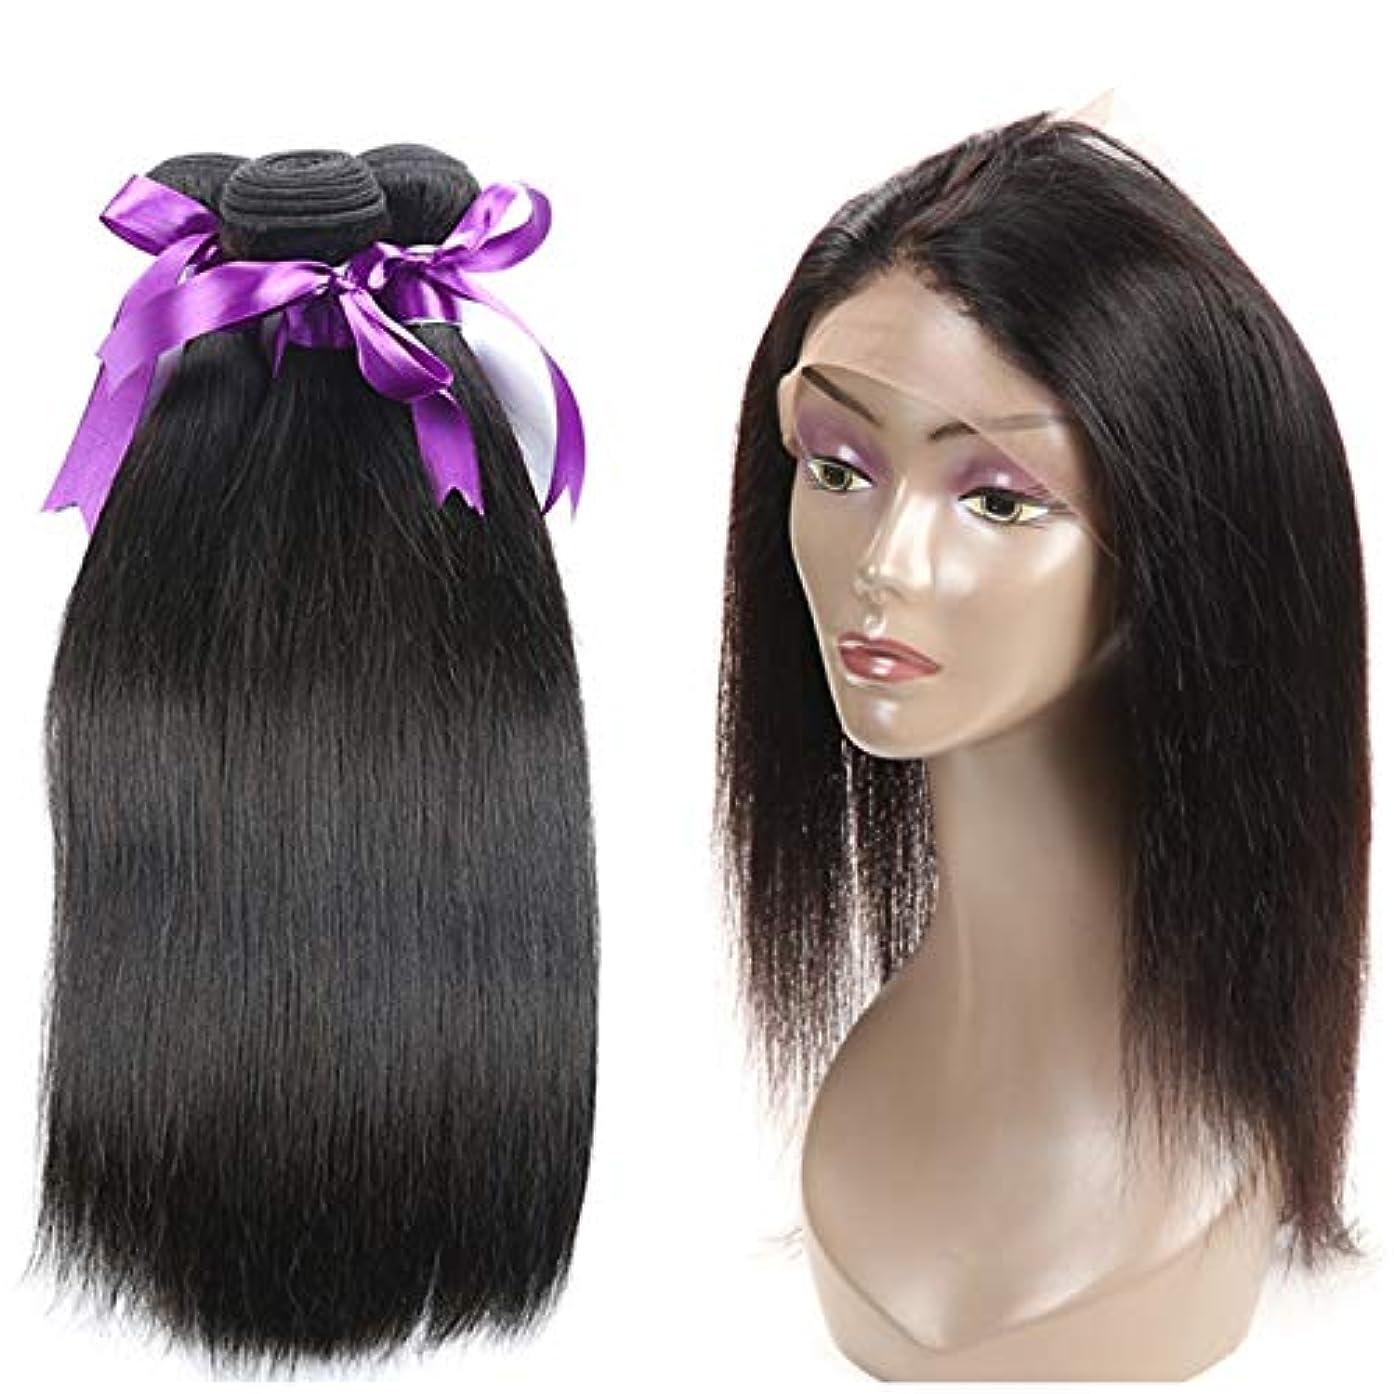 想定海藻パックかつら ブラジルストレートヘア360レース前頭葉付き非レミー人間の髪の毛3バンドル360前頭人間の髪の毛のかつら (Length : 14 14 16 Closure12)